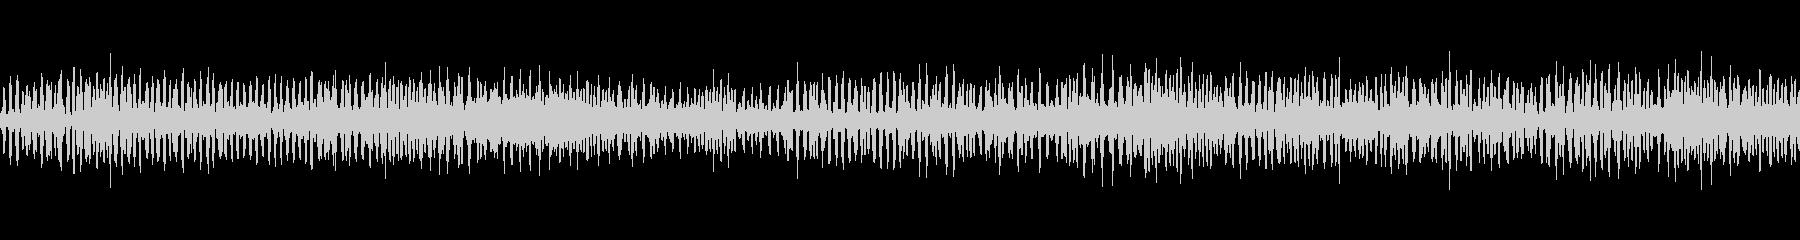 アマガエルの合唱の未再生の波形